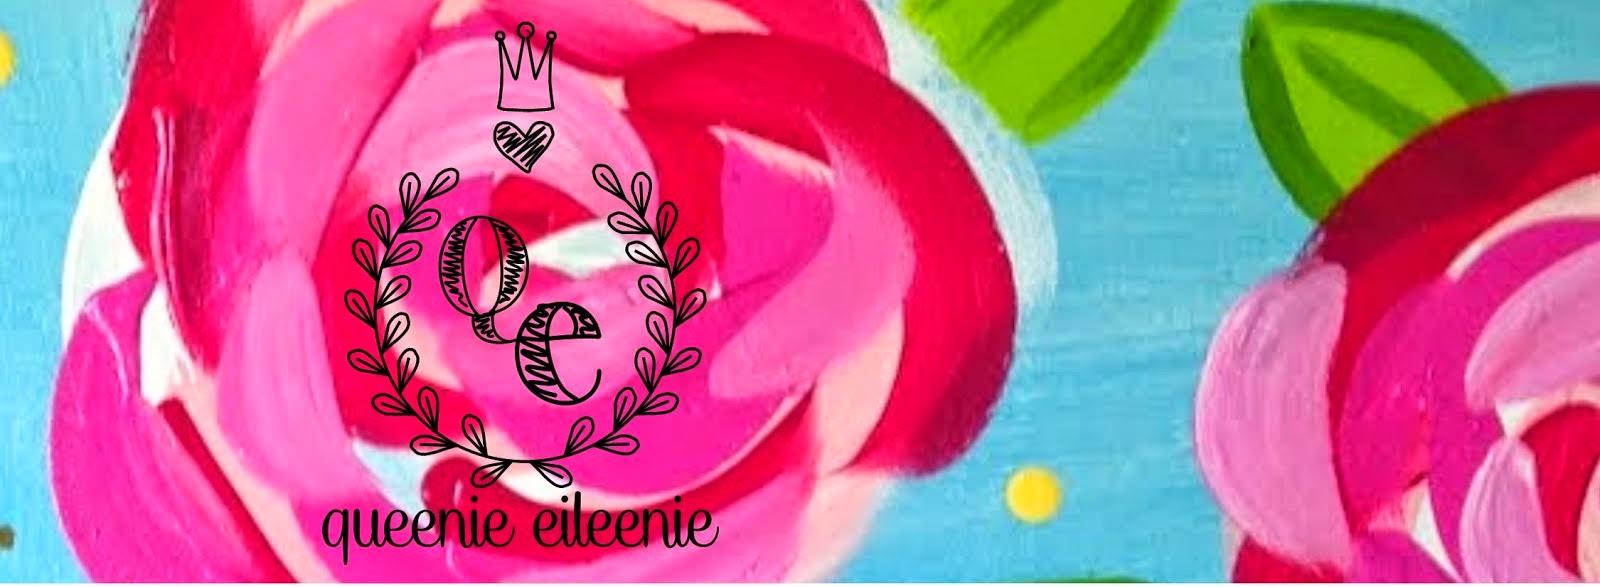 Queenie Eileenie